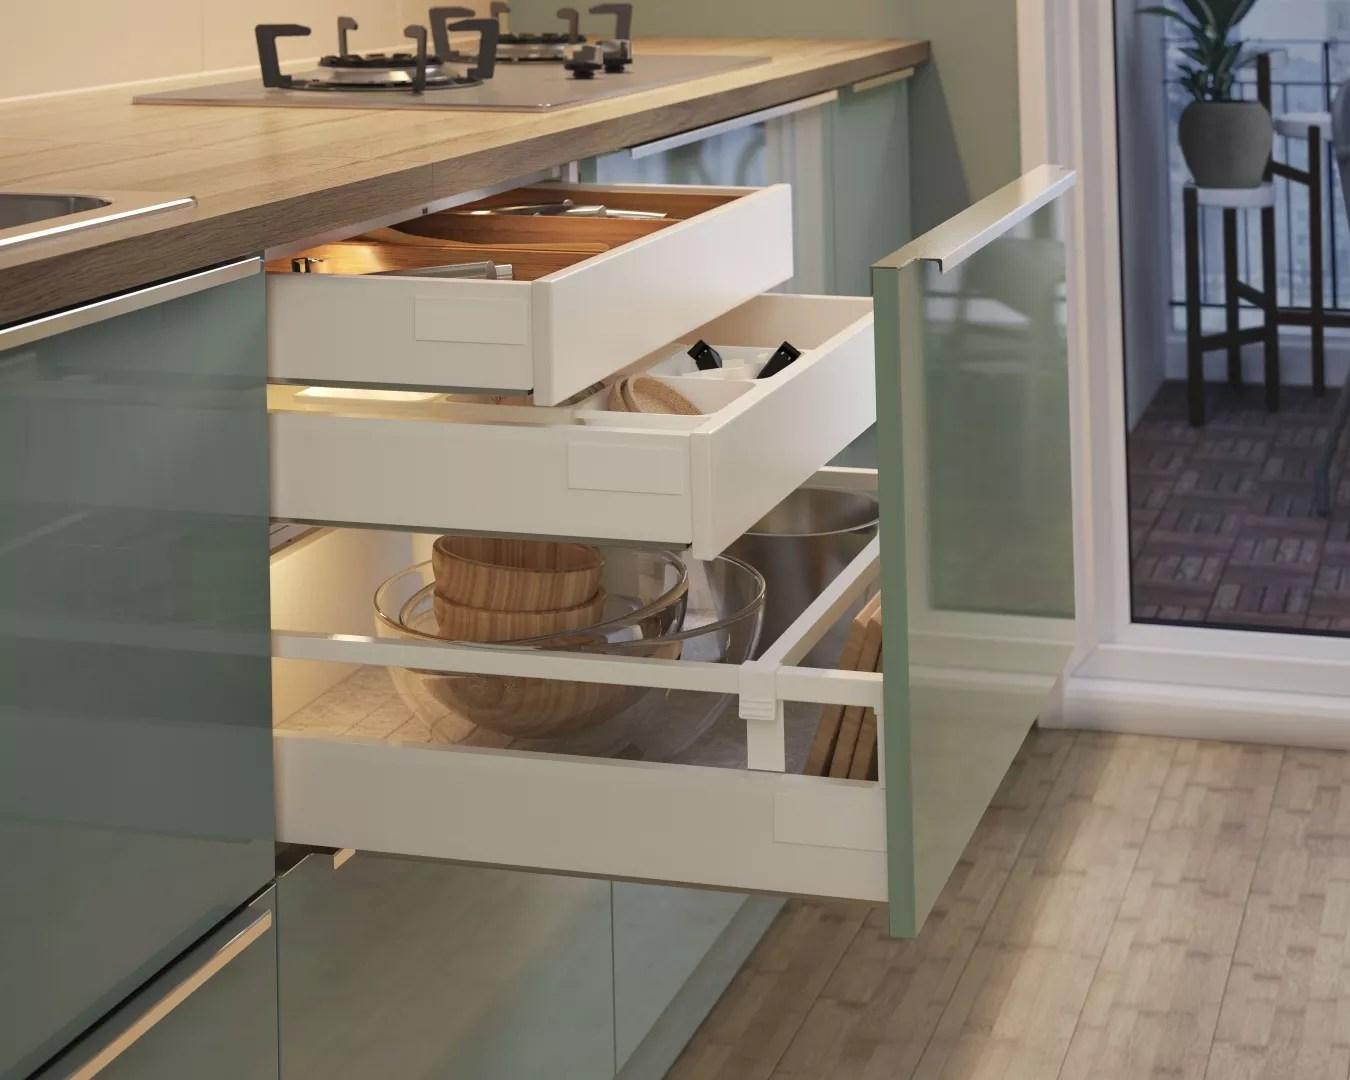 Ideas Keuken Ikea : Askersund küche ikea kitchens kitchen ideas and inspiration ikea